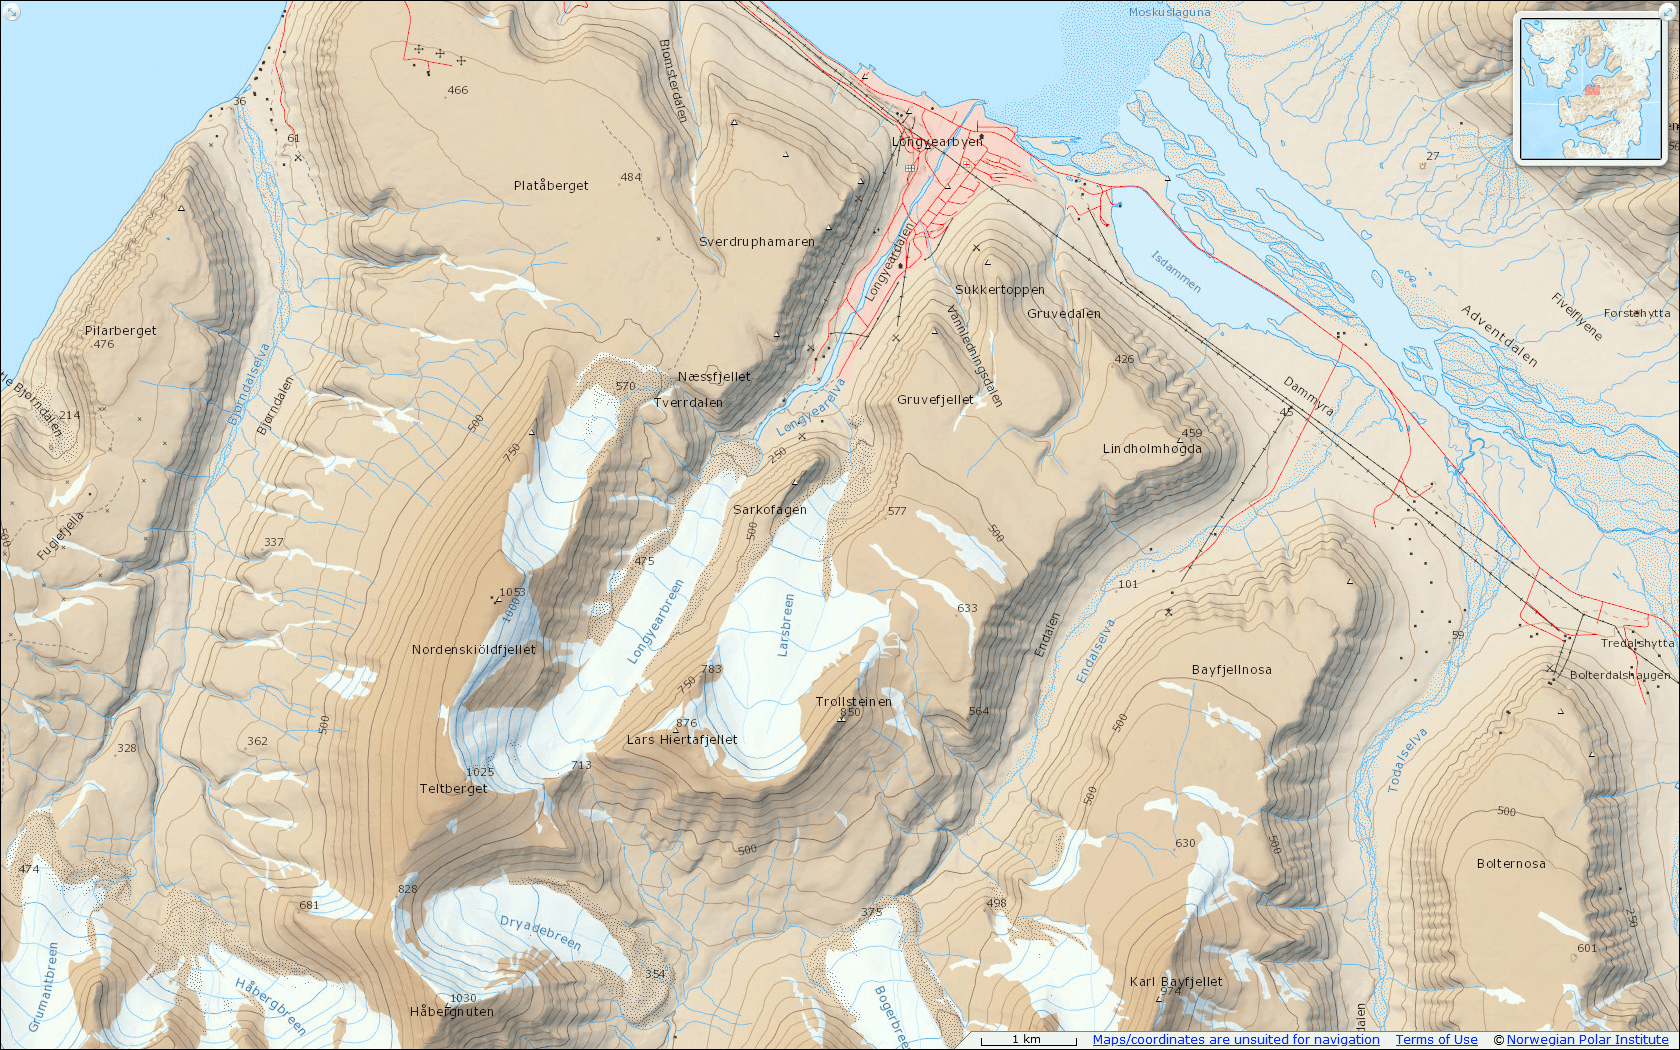 Zrzut okolicy Longyerbyen zserwisu: www.toposvalbard.npolar.no